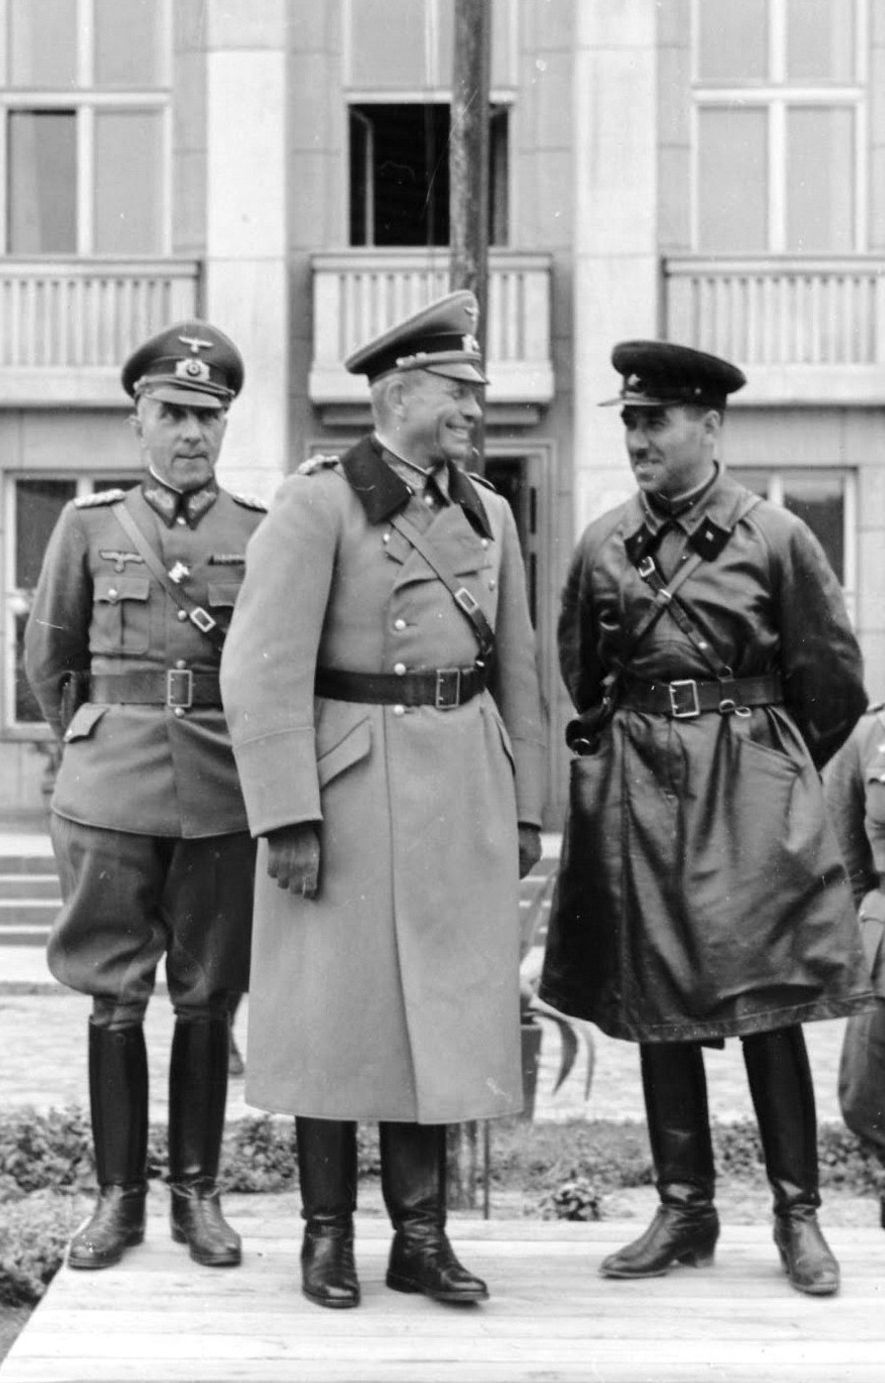 El general alemán Heinz Guderian y el brigada soviético Semión Krivoshein durante el desfile conjunto en la ciudad ocupada de Brest el 22 de septiembre de 1939.